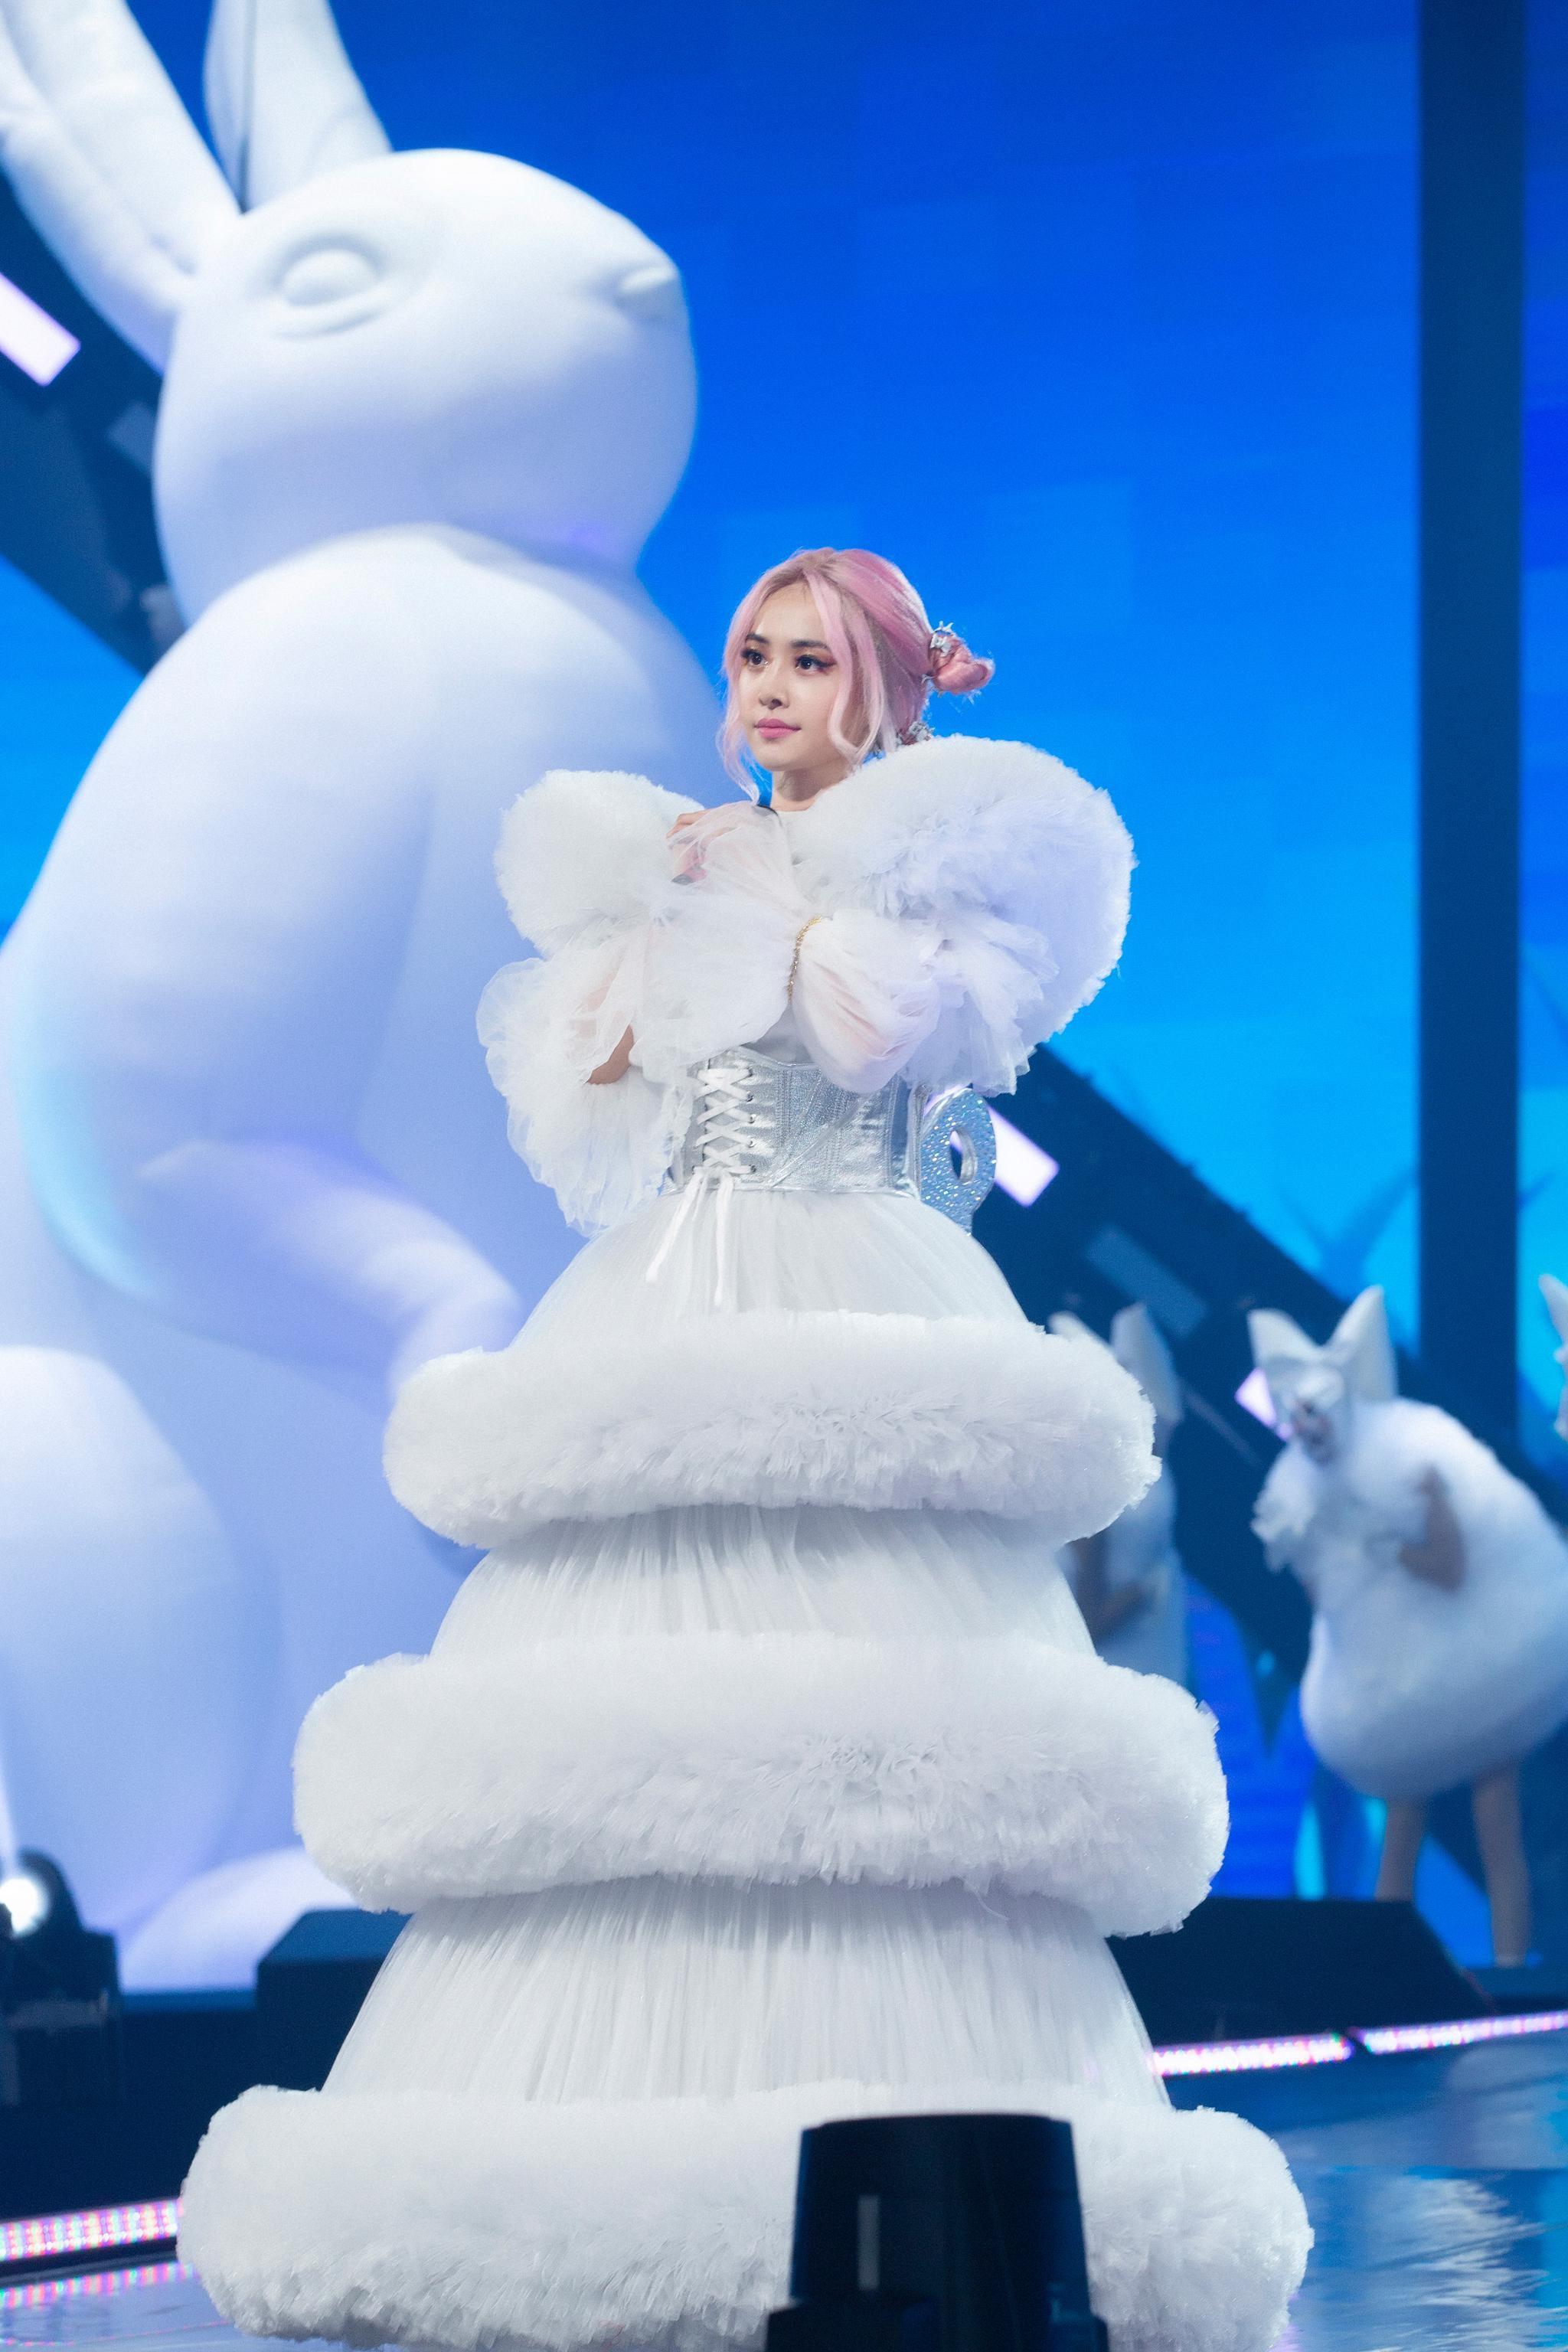 蔡依林uglybeauty演唱会绝美造型来袭 蛋糕裙甜美梦幻